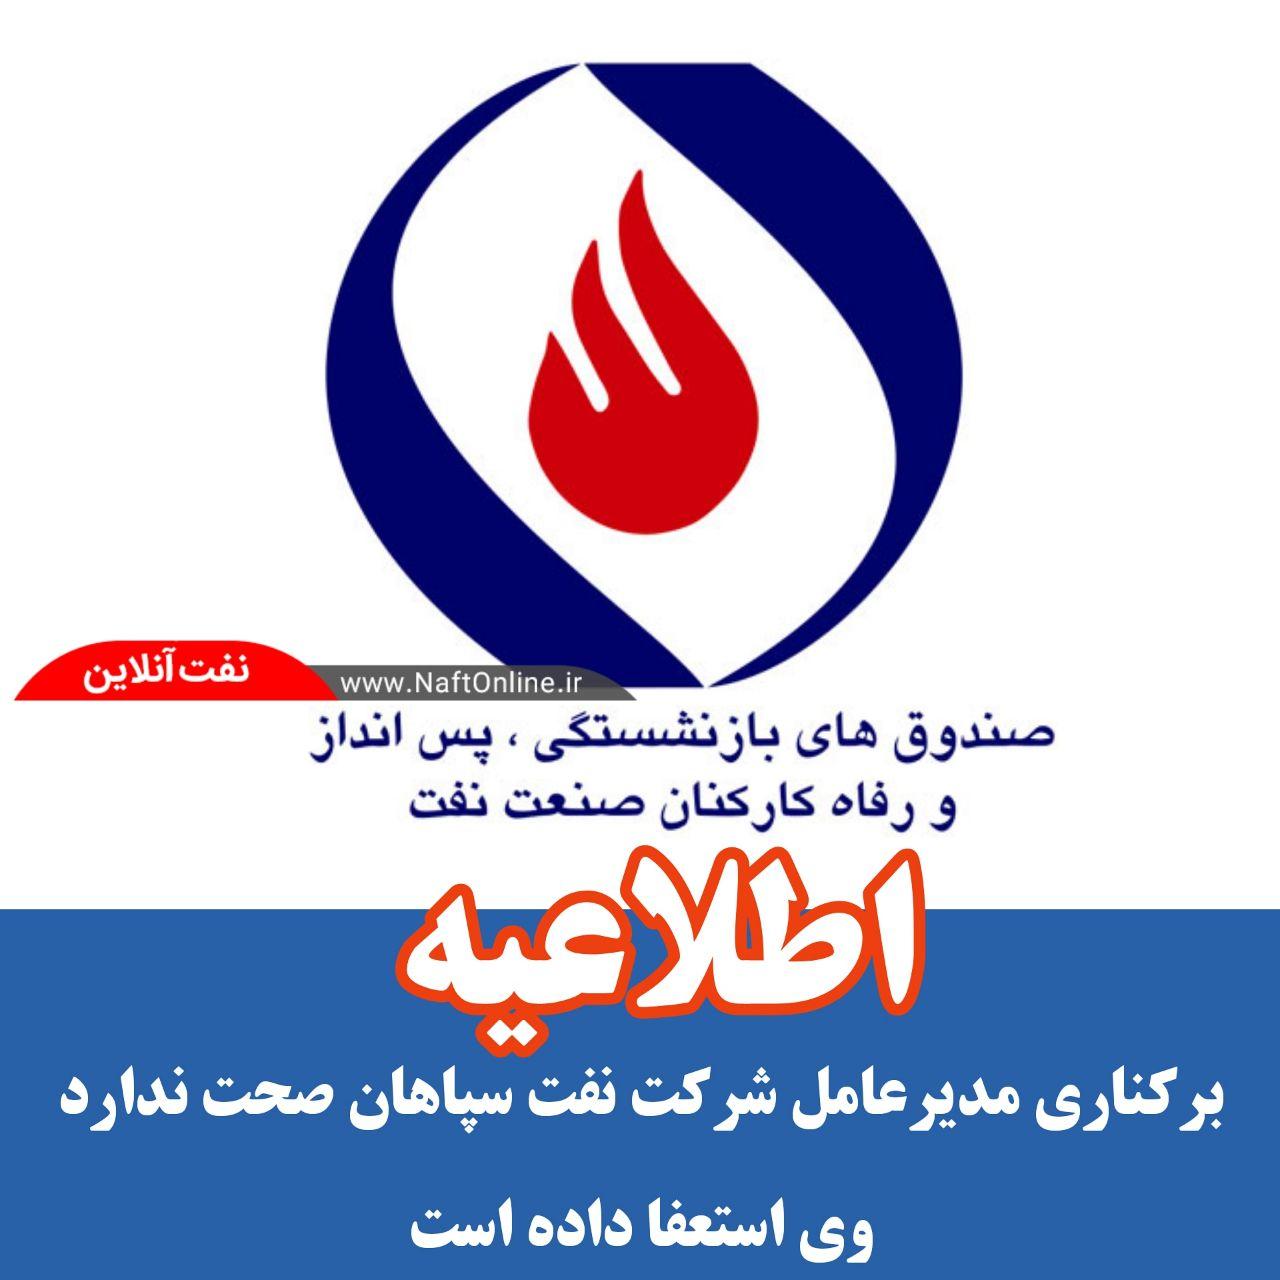 مدیر عامل شرکت نفت سپاهان برکنار نشد بلکه استعفا داد